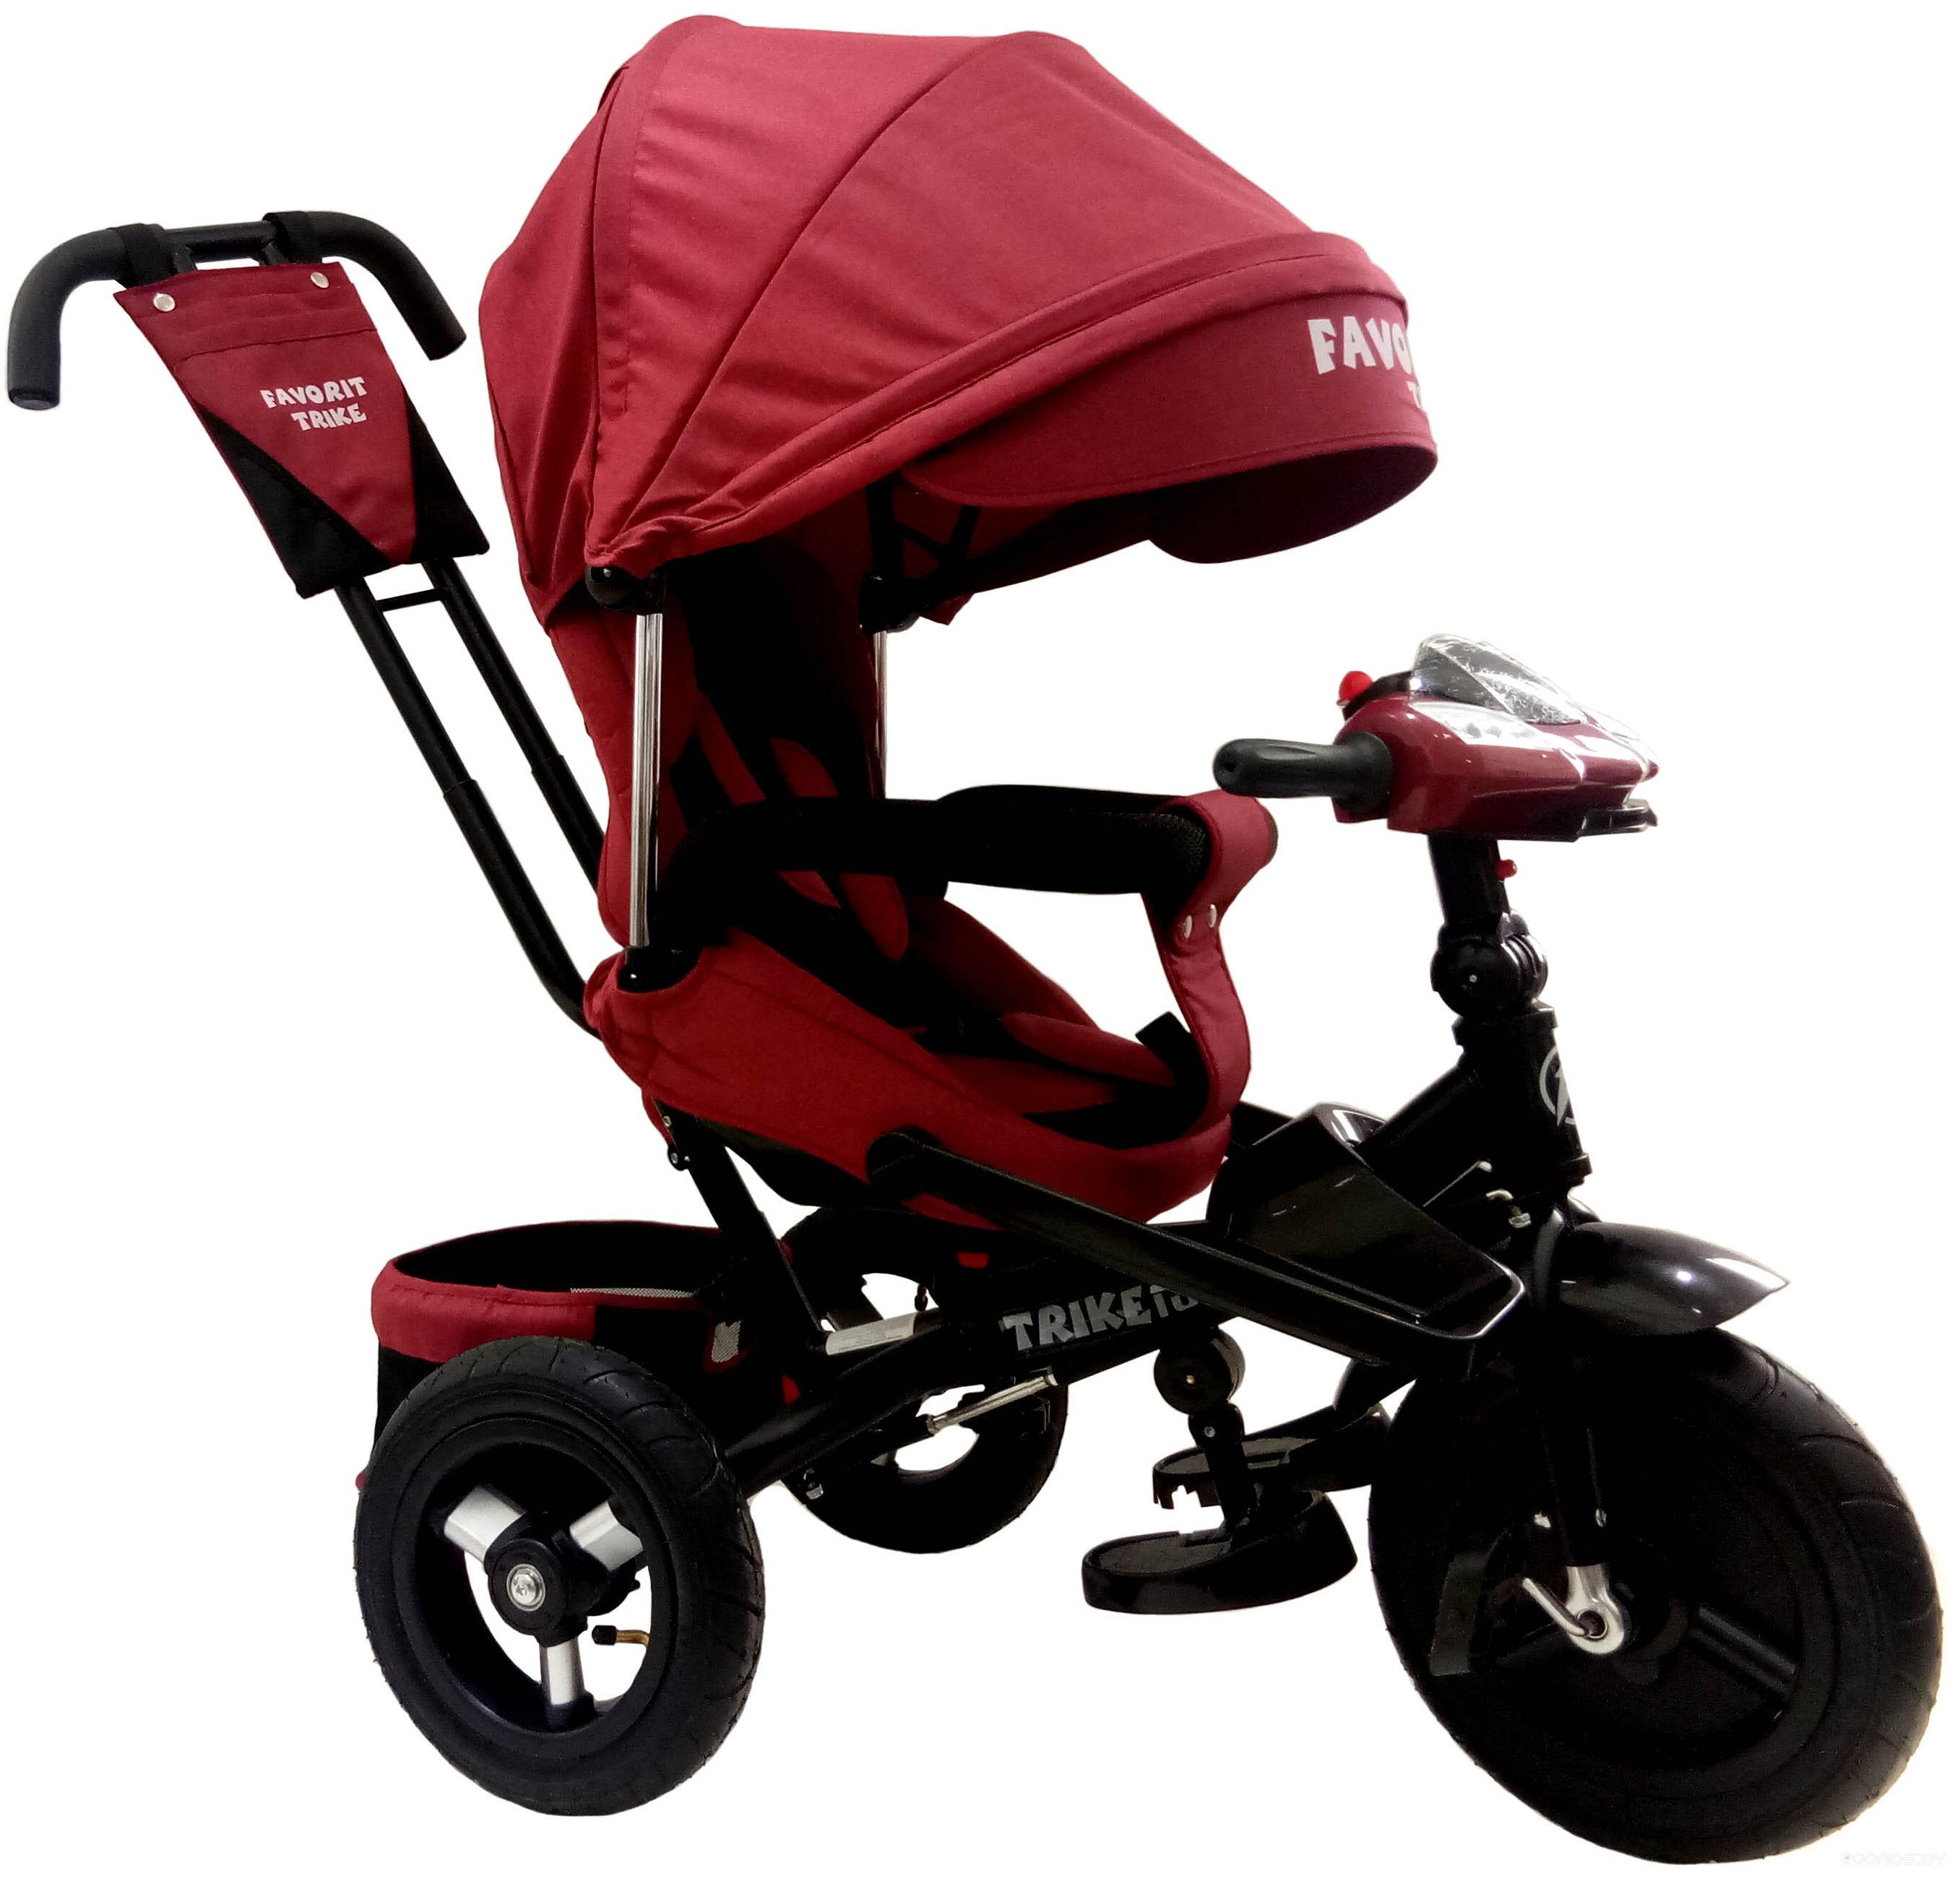 Детский велосипед Favorit Trike Lux FTL-1210-1 (красный)